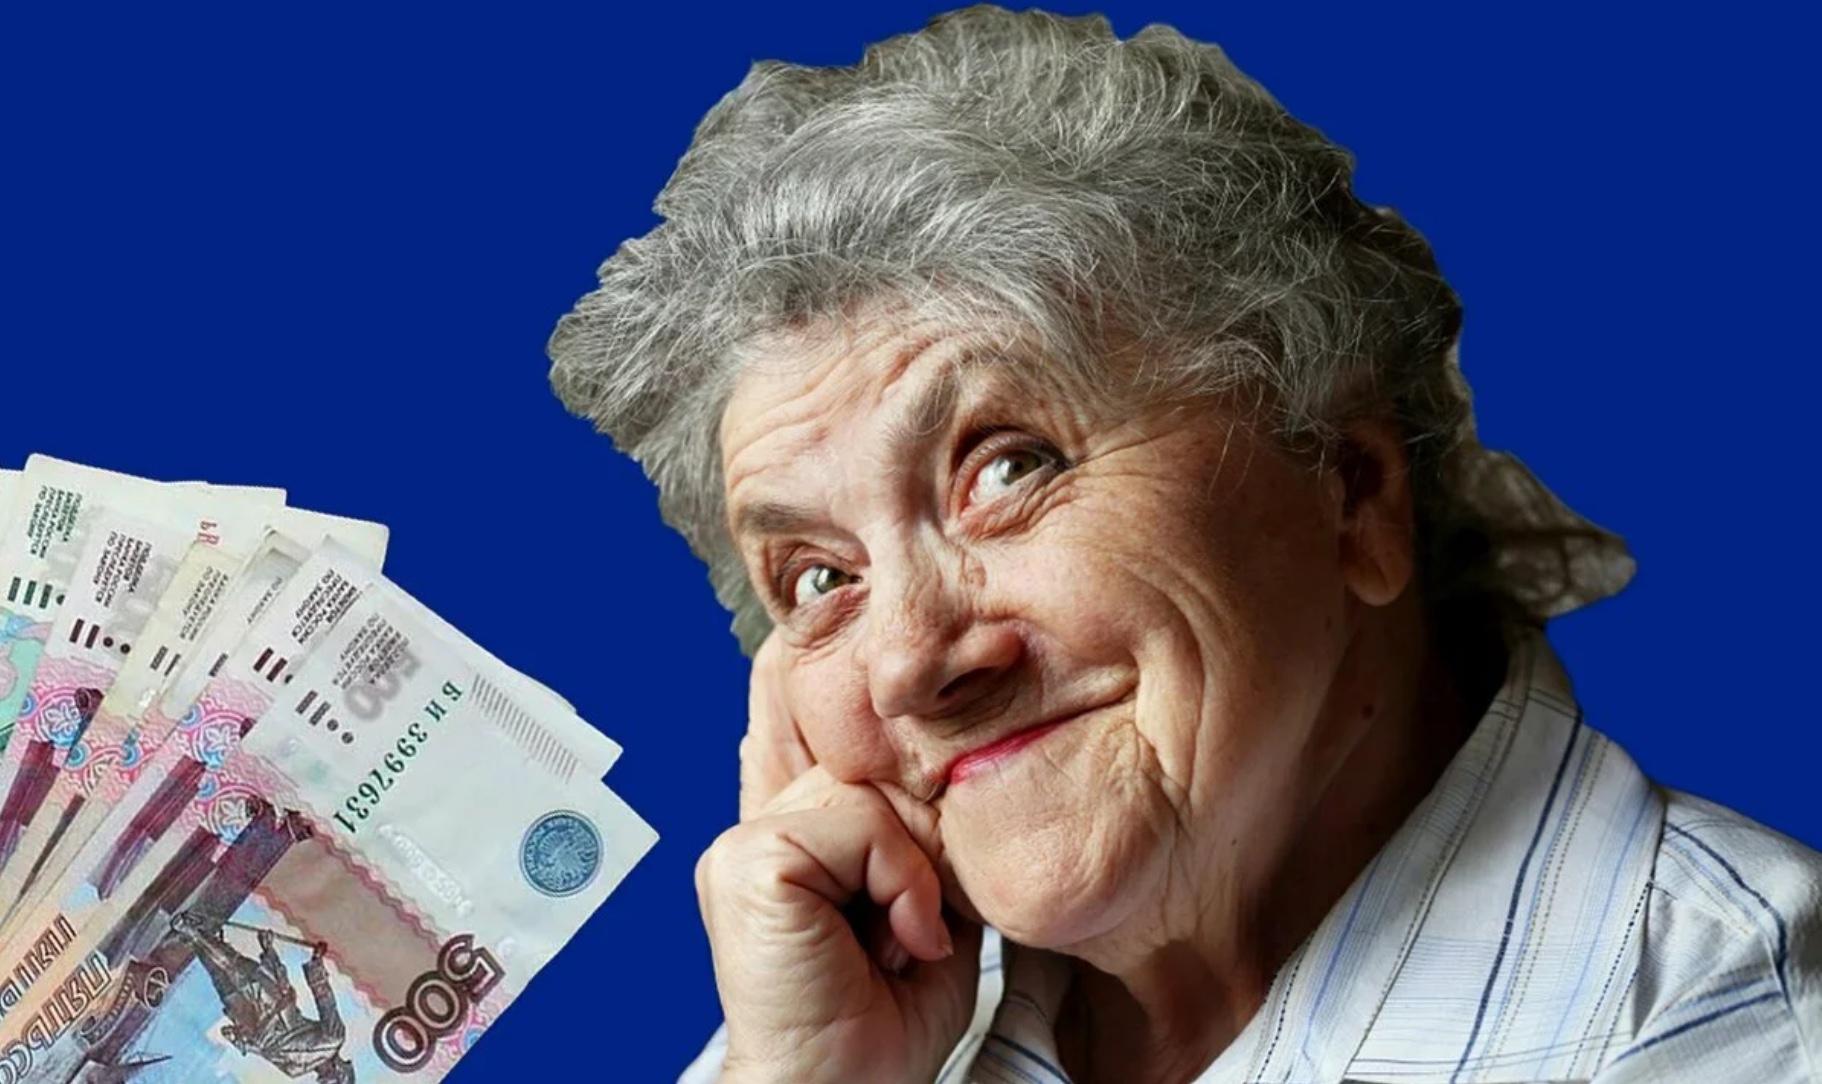 Пособия пожилым помимо пенсии: льготы и выплаты предпенсионерам и пенсионерам